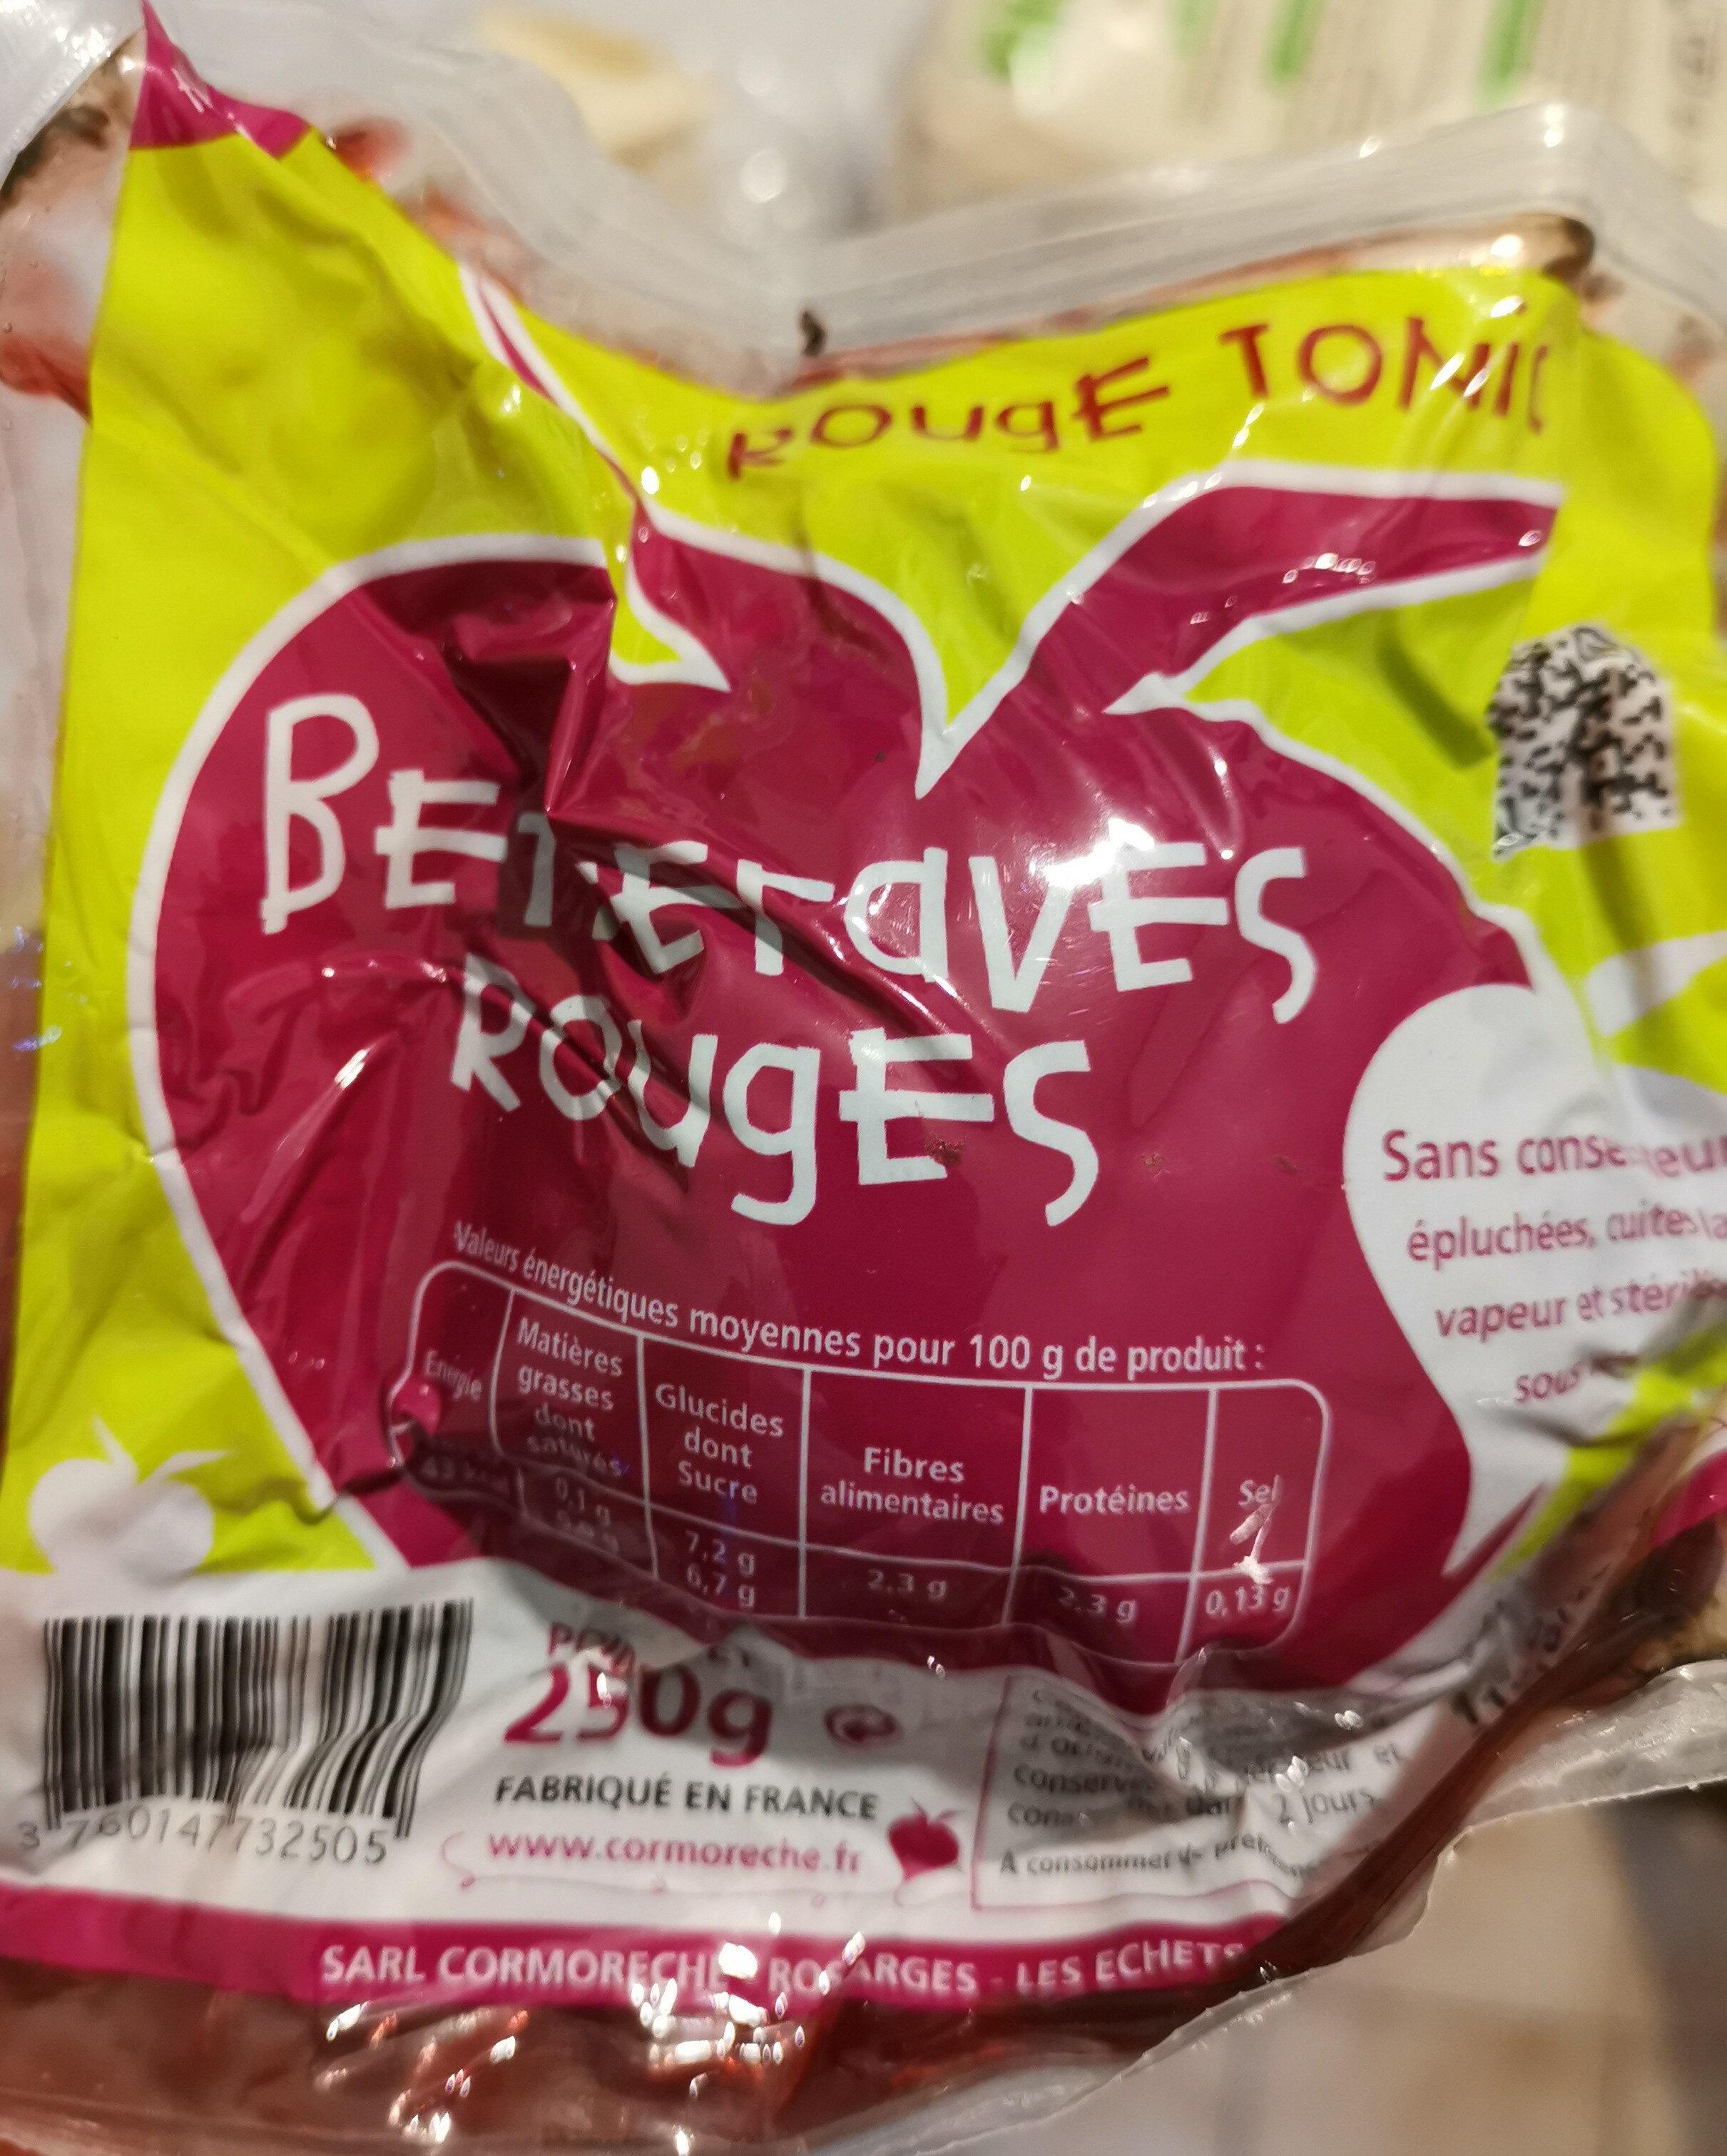 Betteraves Rouges - Produit